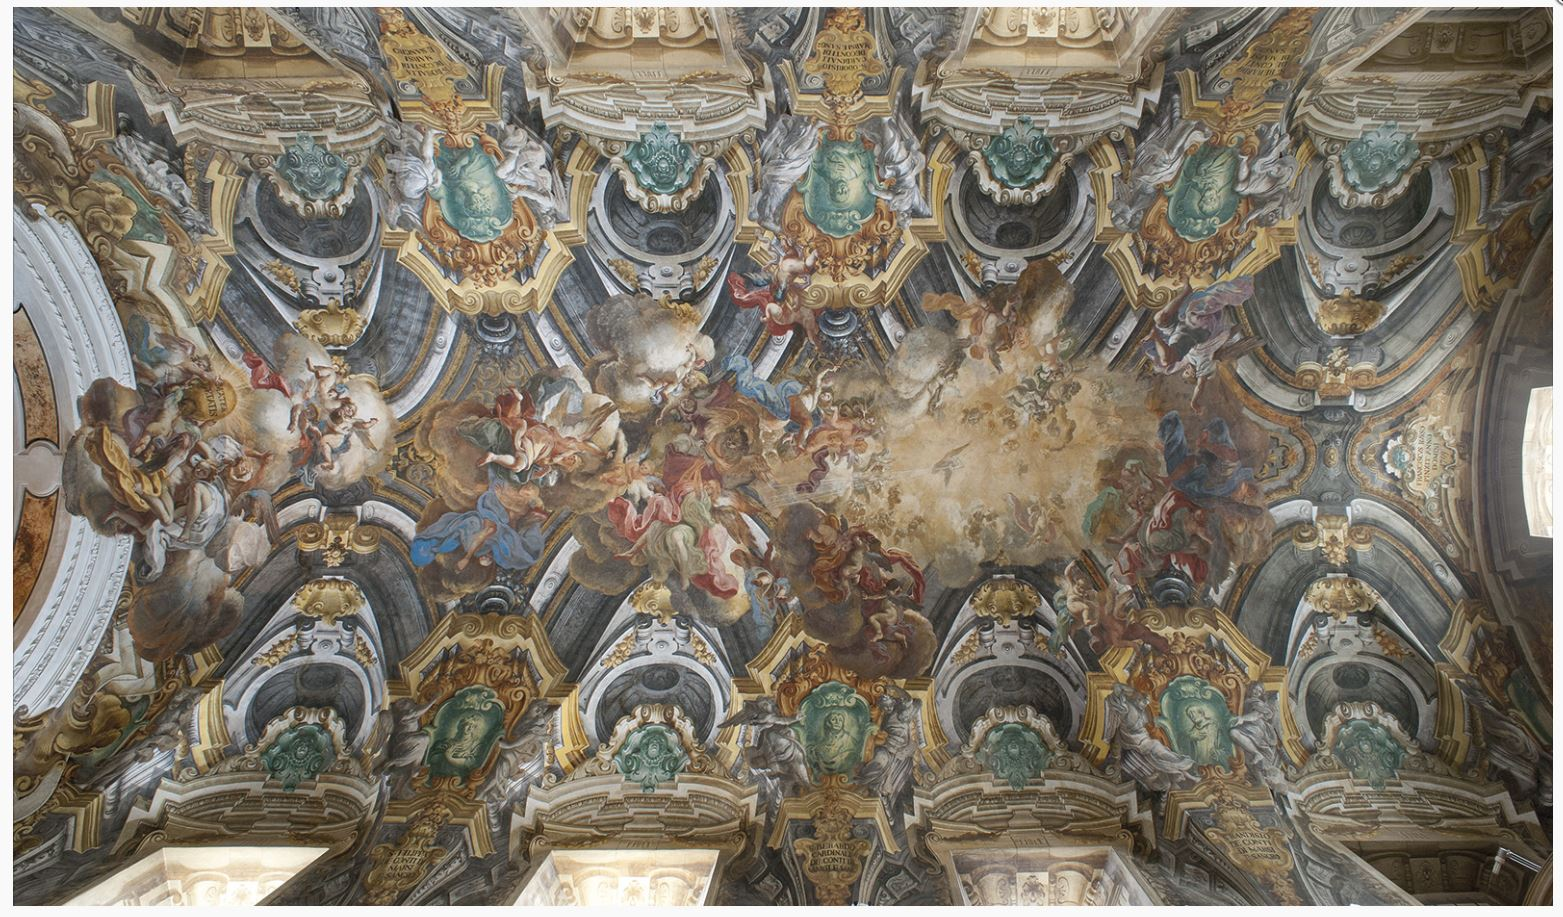 Тайны неаполитанского барокко. Есть и страшные Сансеверо, Санмартино, говорят, правда, Коррадини, только, подвале, мрамора, будет, принца, модели, мнение, мрамор, капелле, недавние, многих, исследования, принц, углями, время